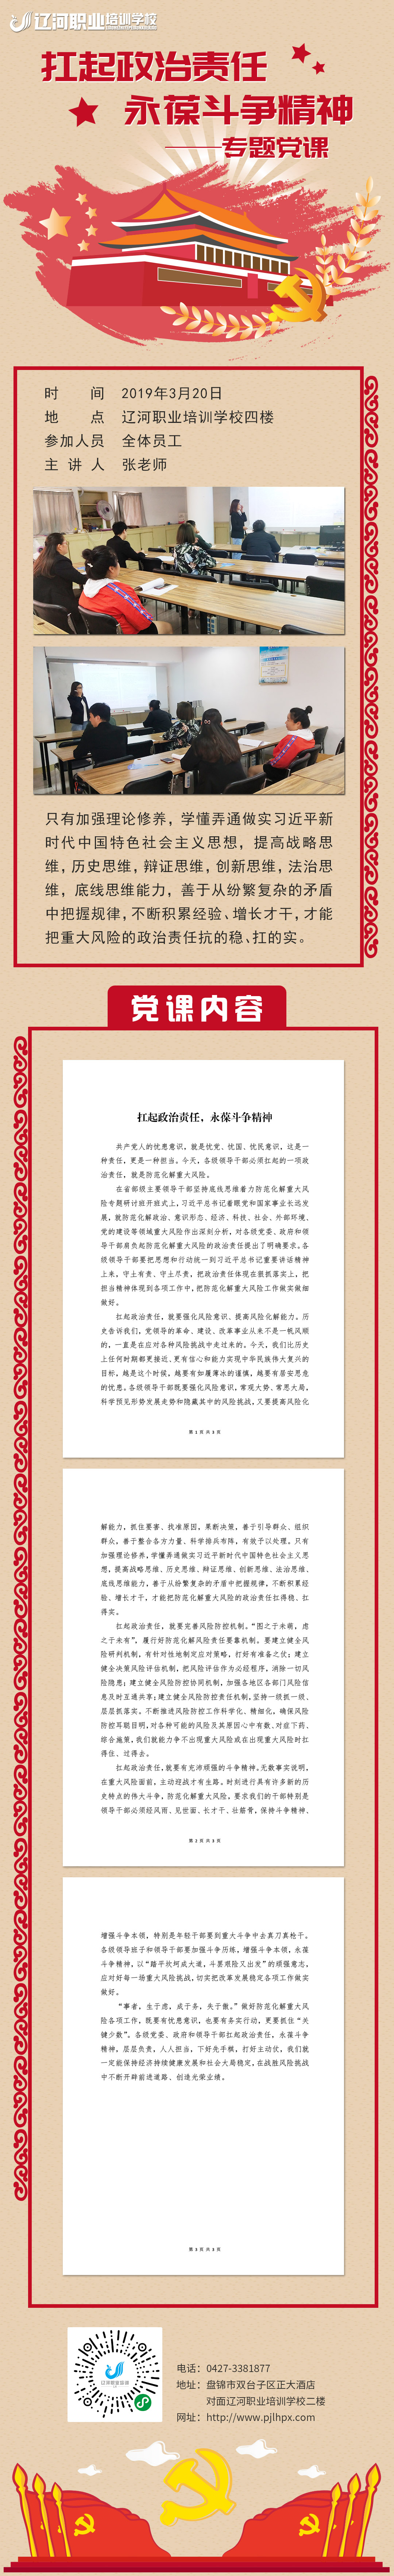 辽河职业培训学校